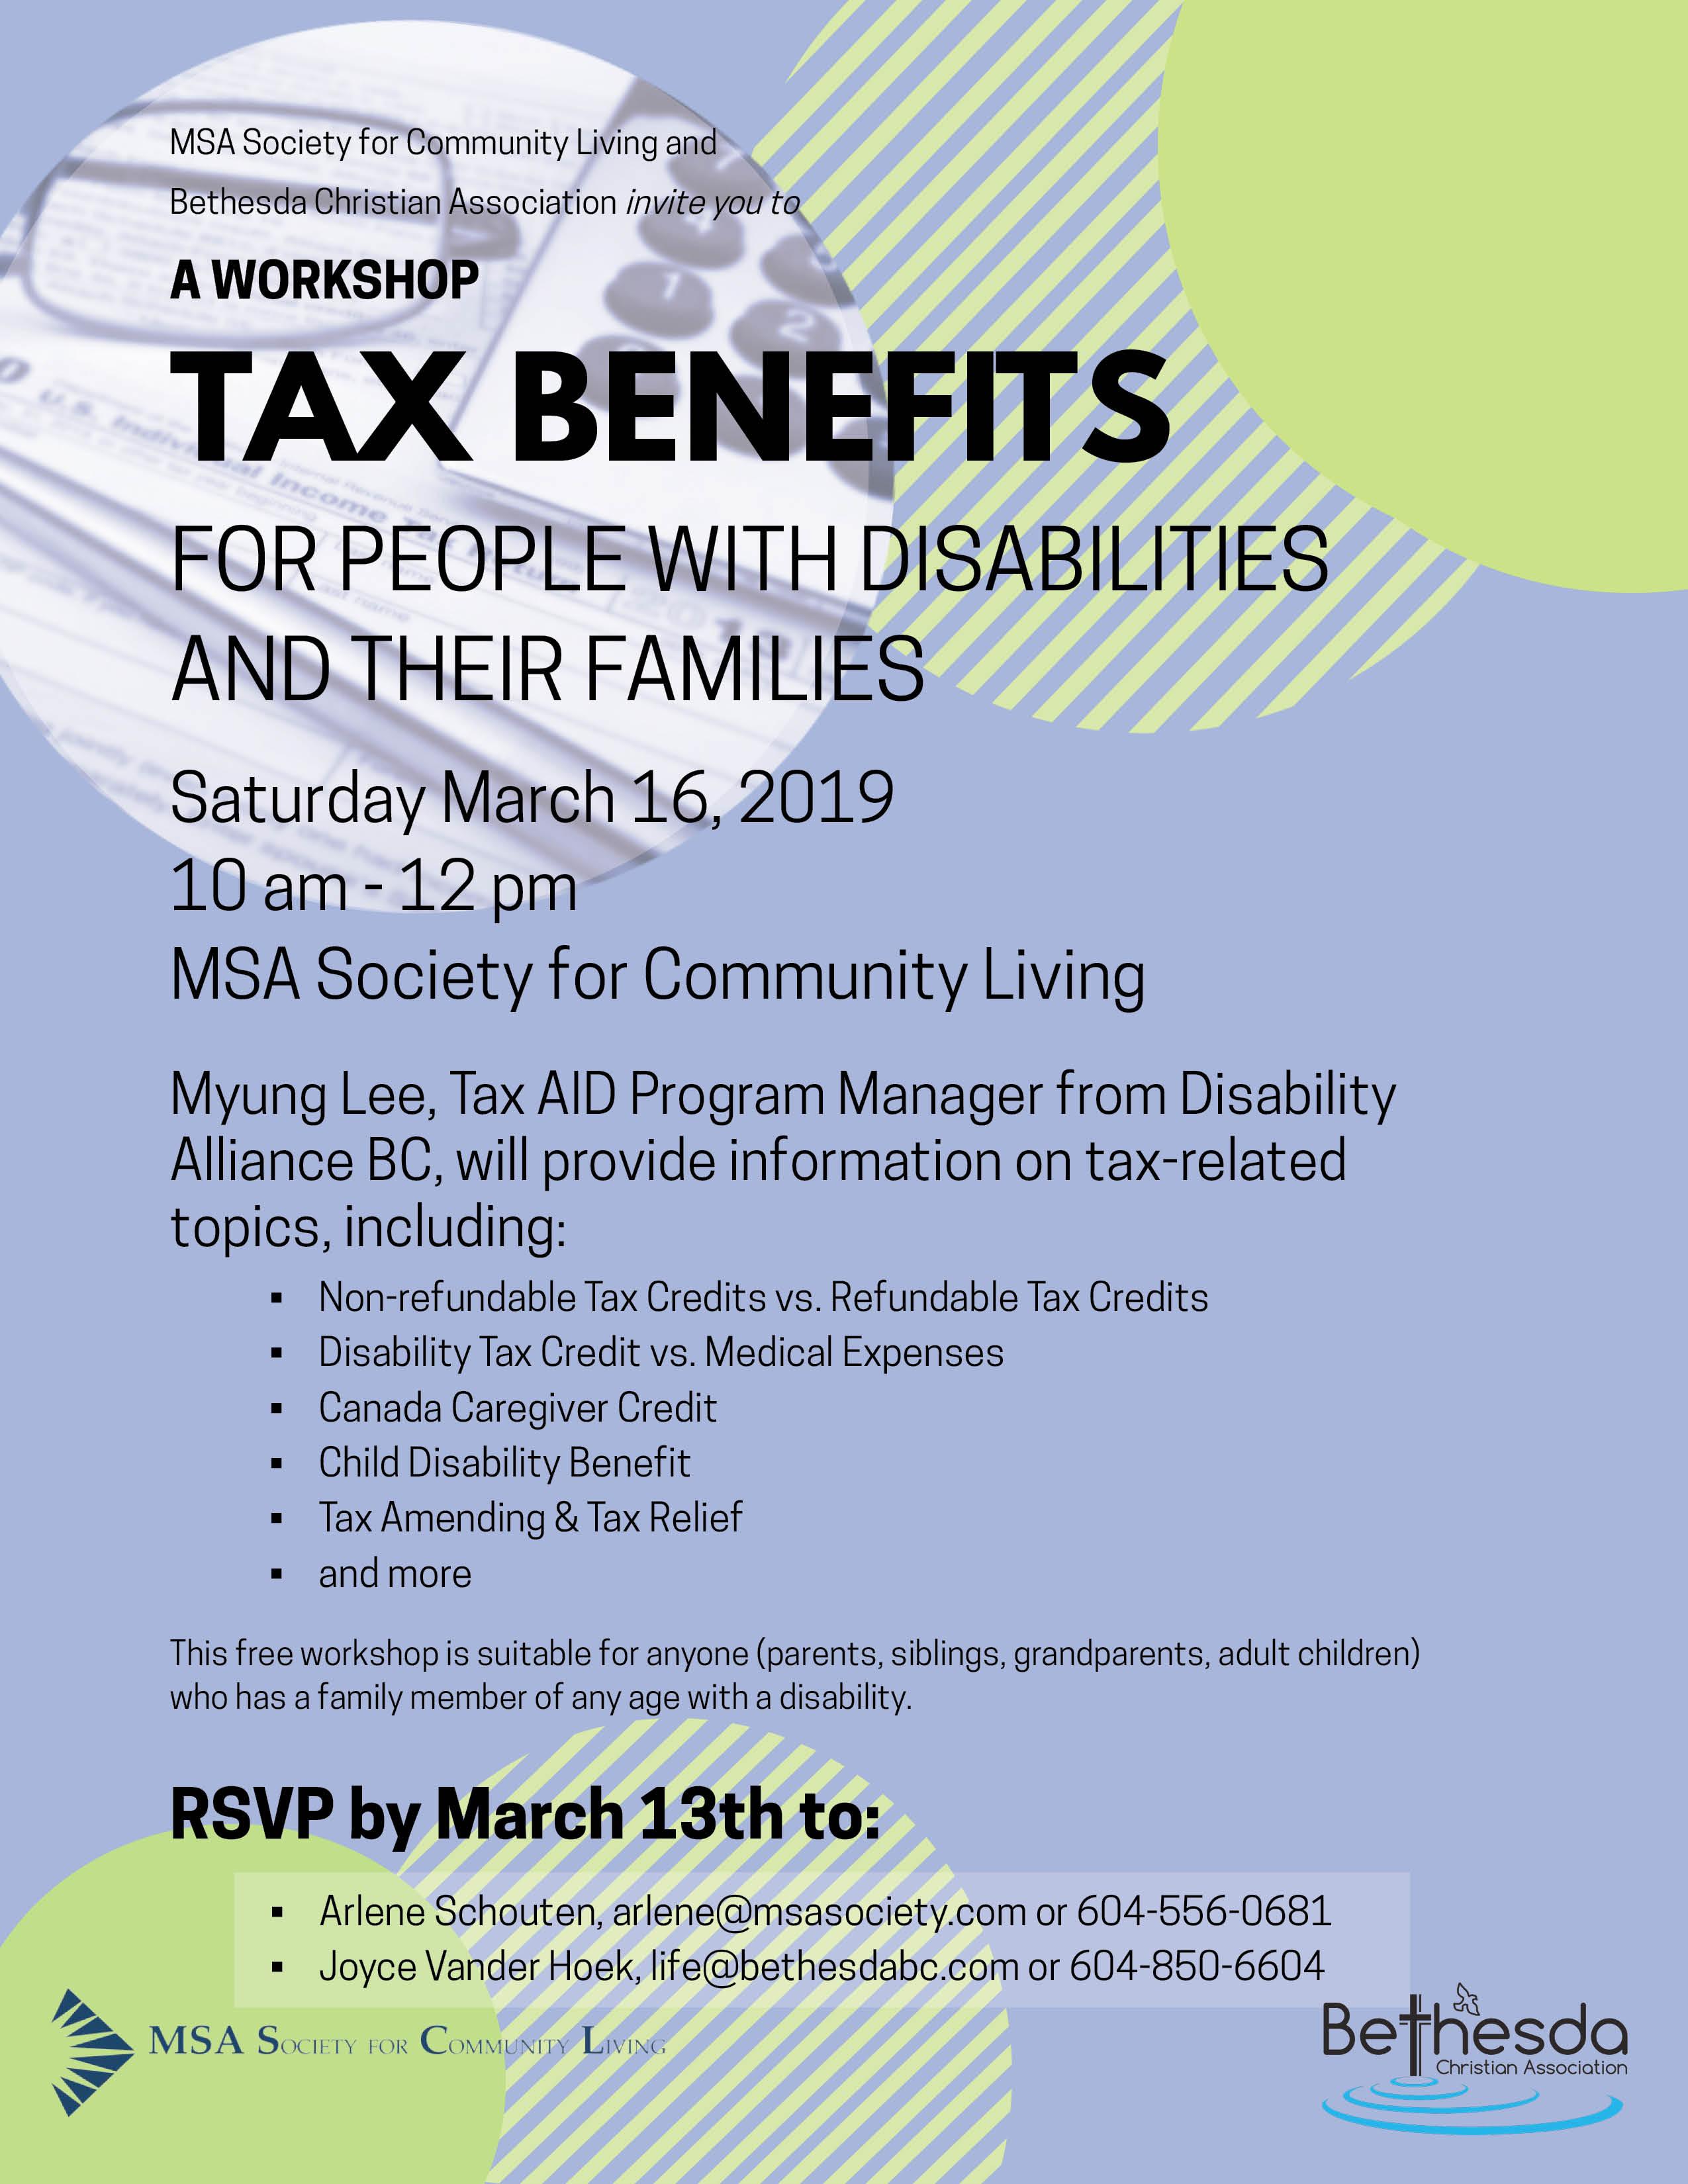 Mar 16 tax benefit workshop poster 8.5x11